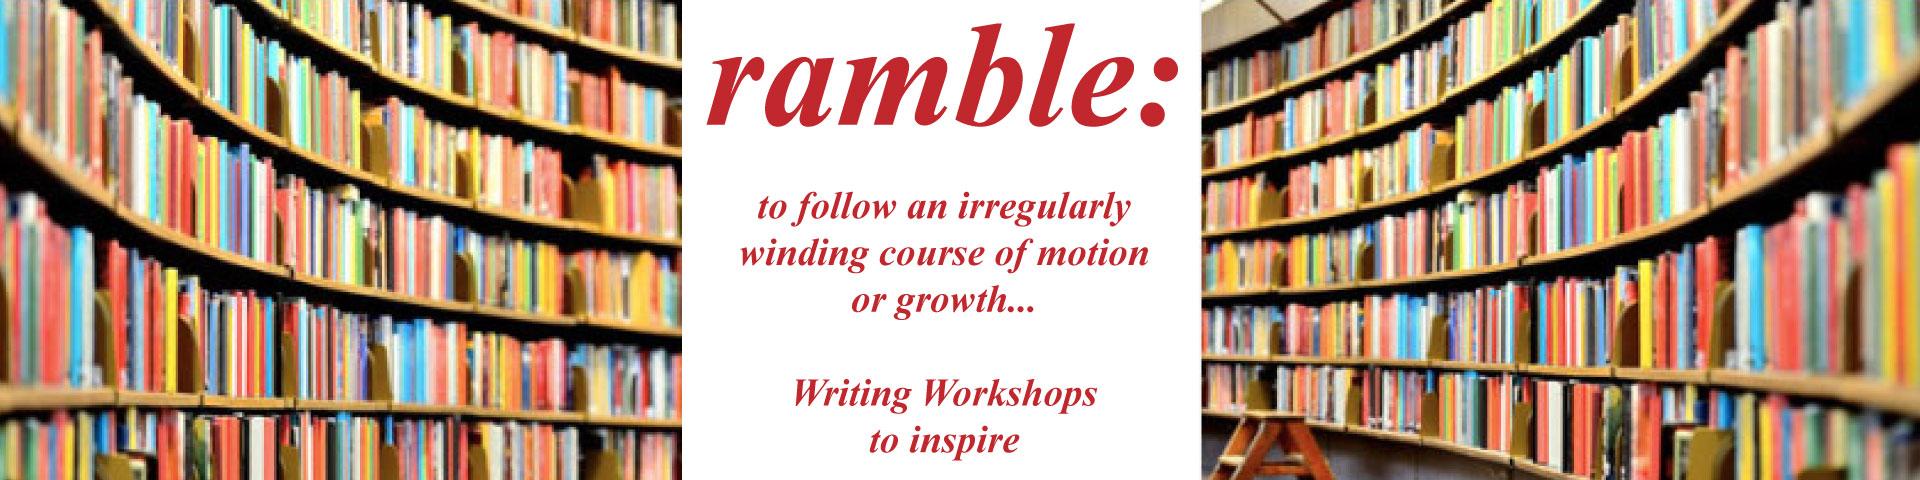 Lorna Tureski Ramble Writing workshops